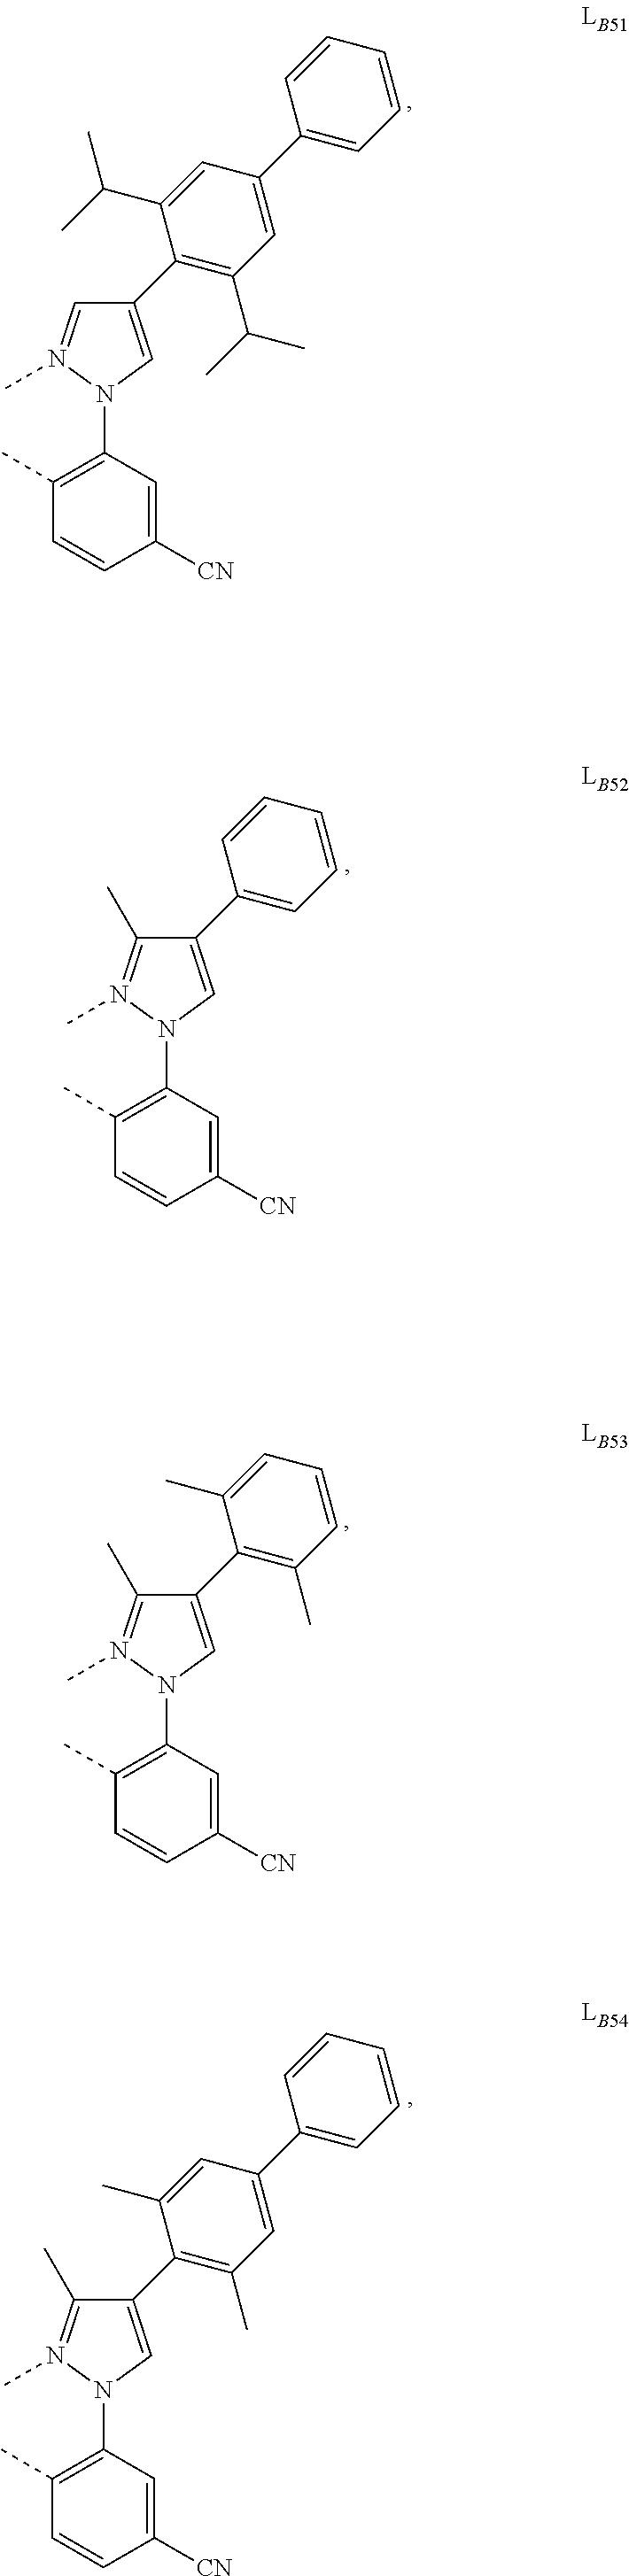 Figure US09905785-20180227-C00114